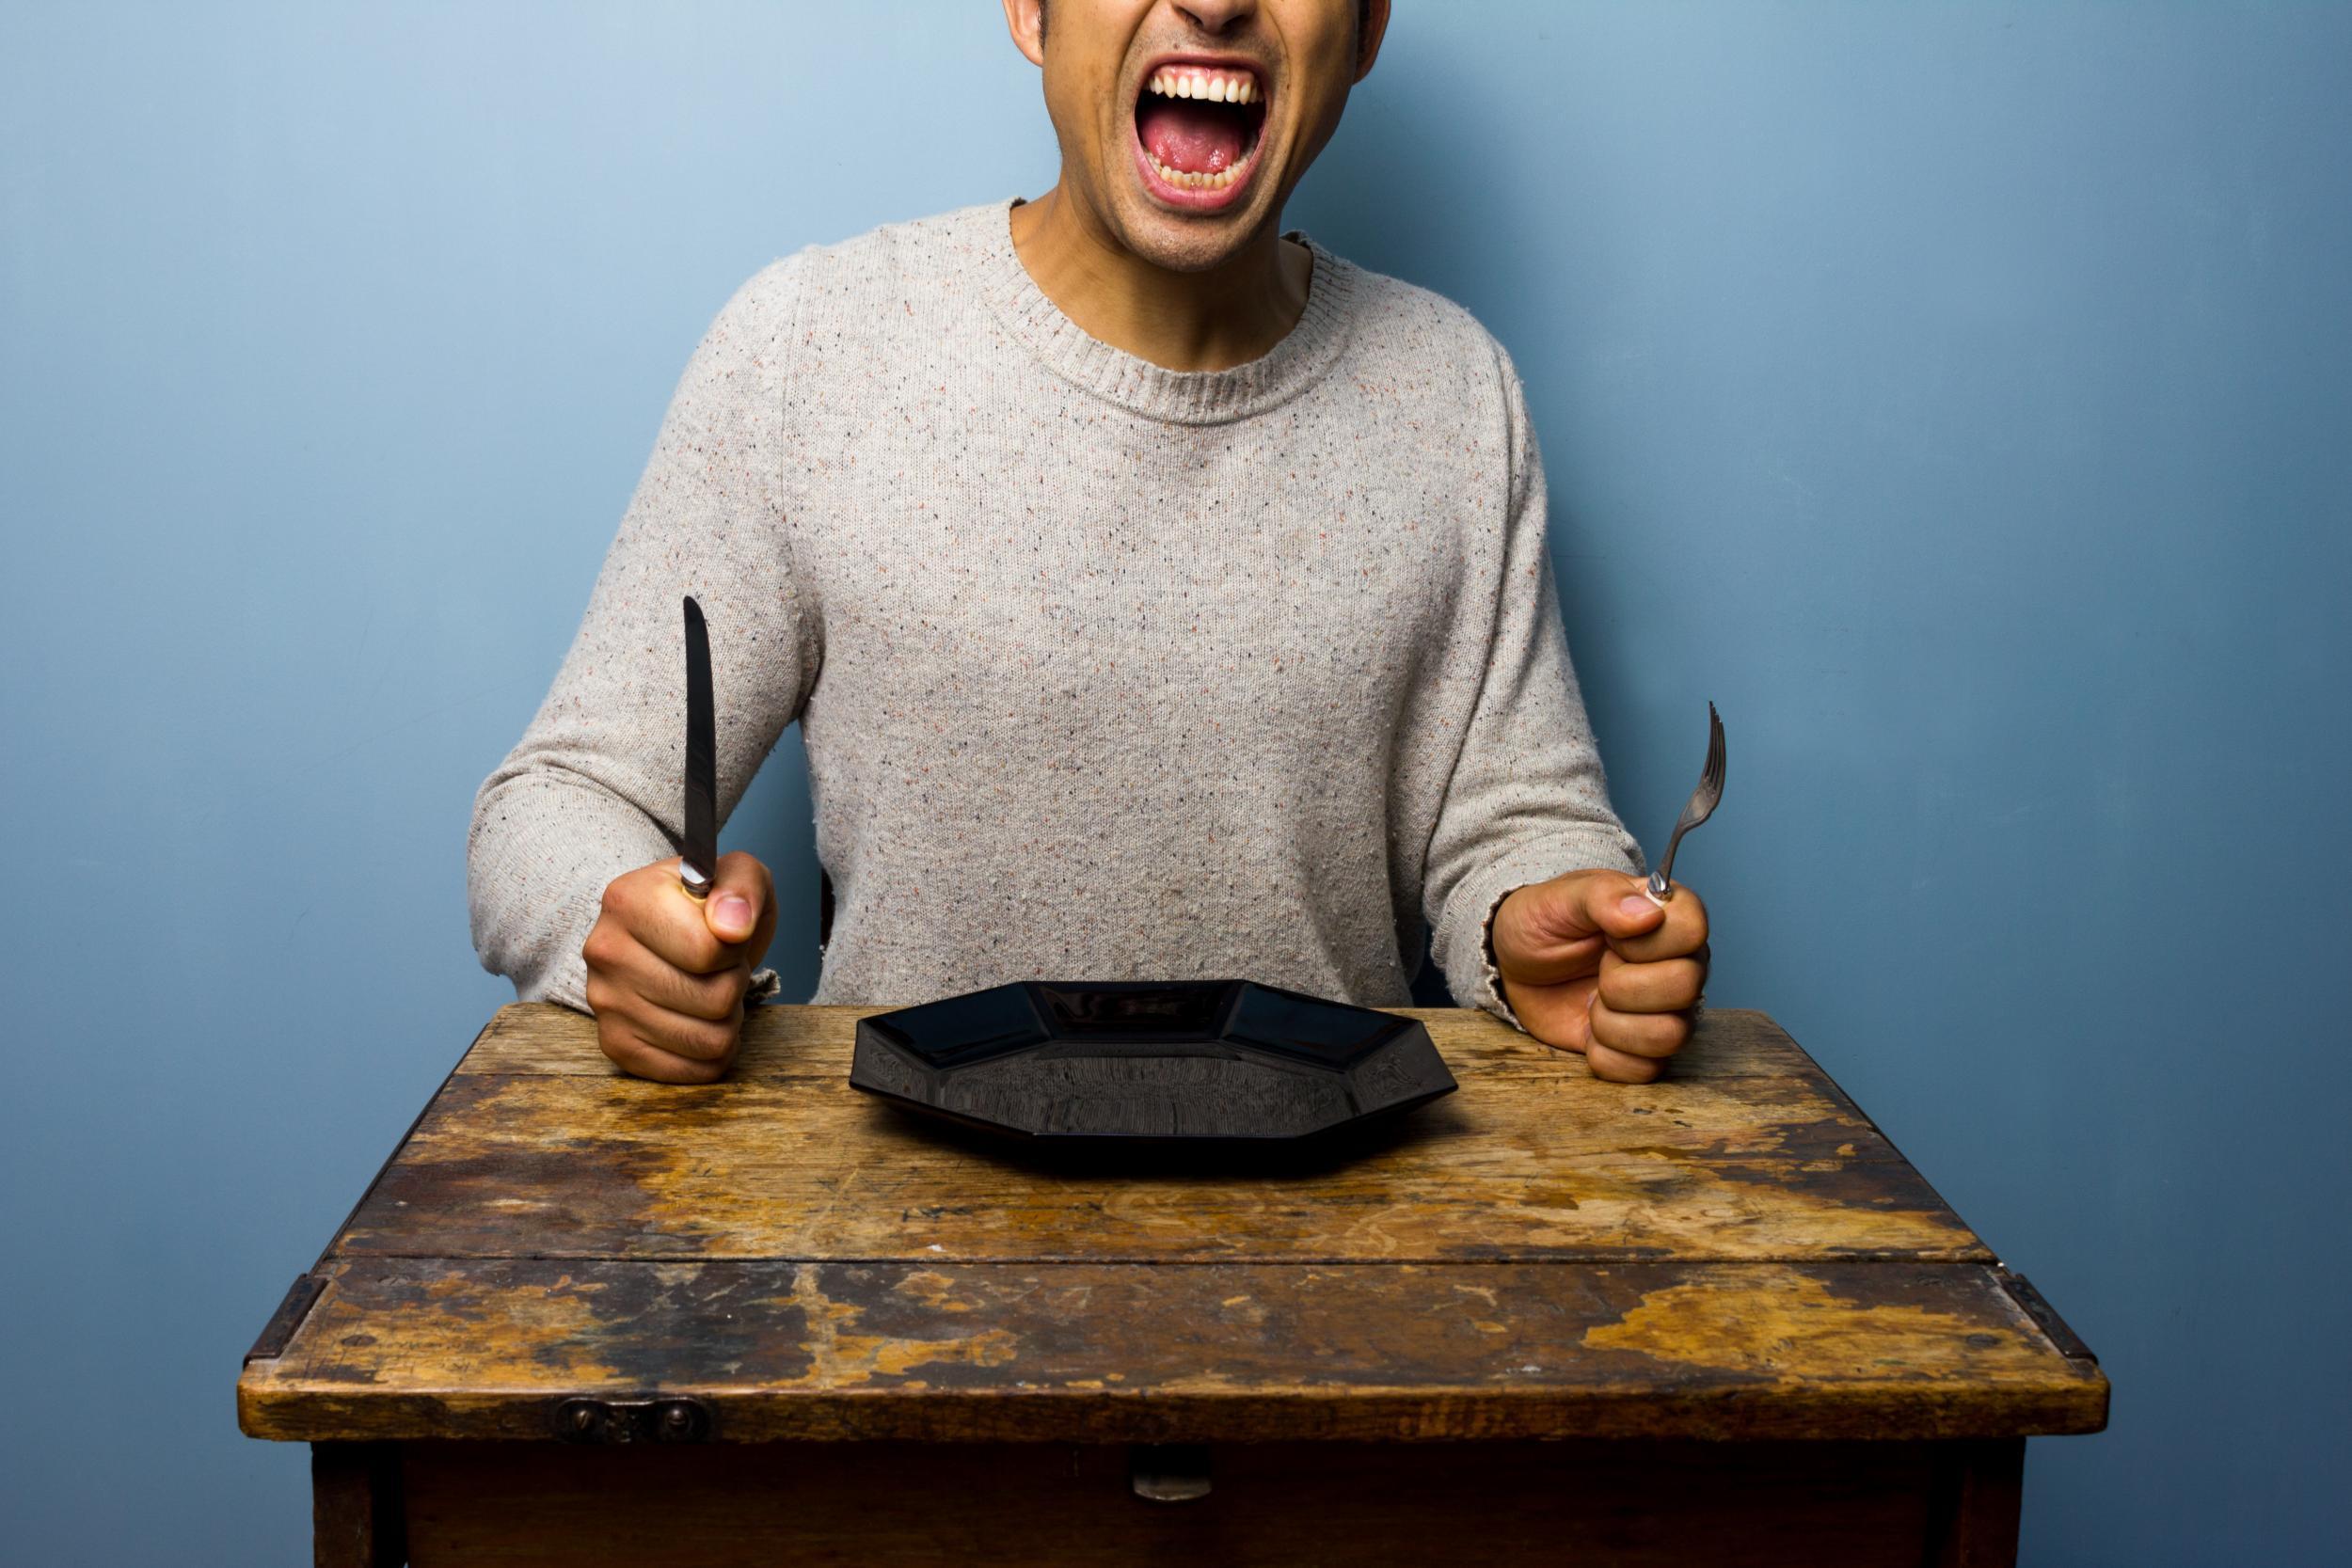 прикольные картинки голодный человек того, лицевую